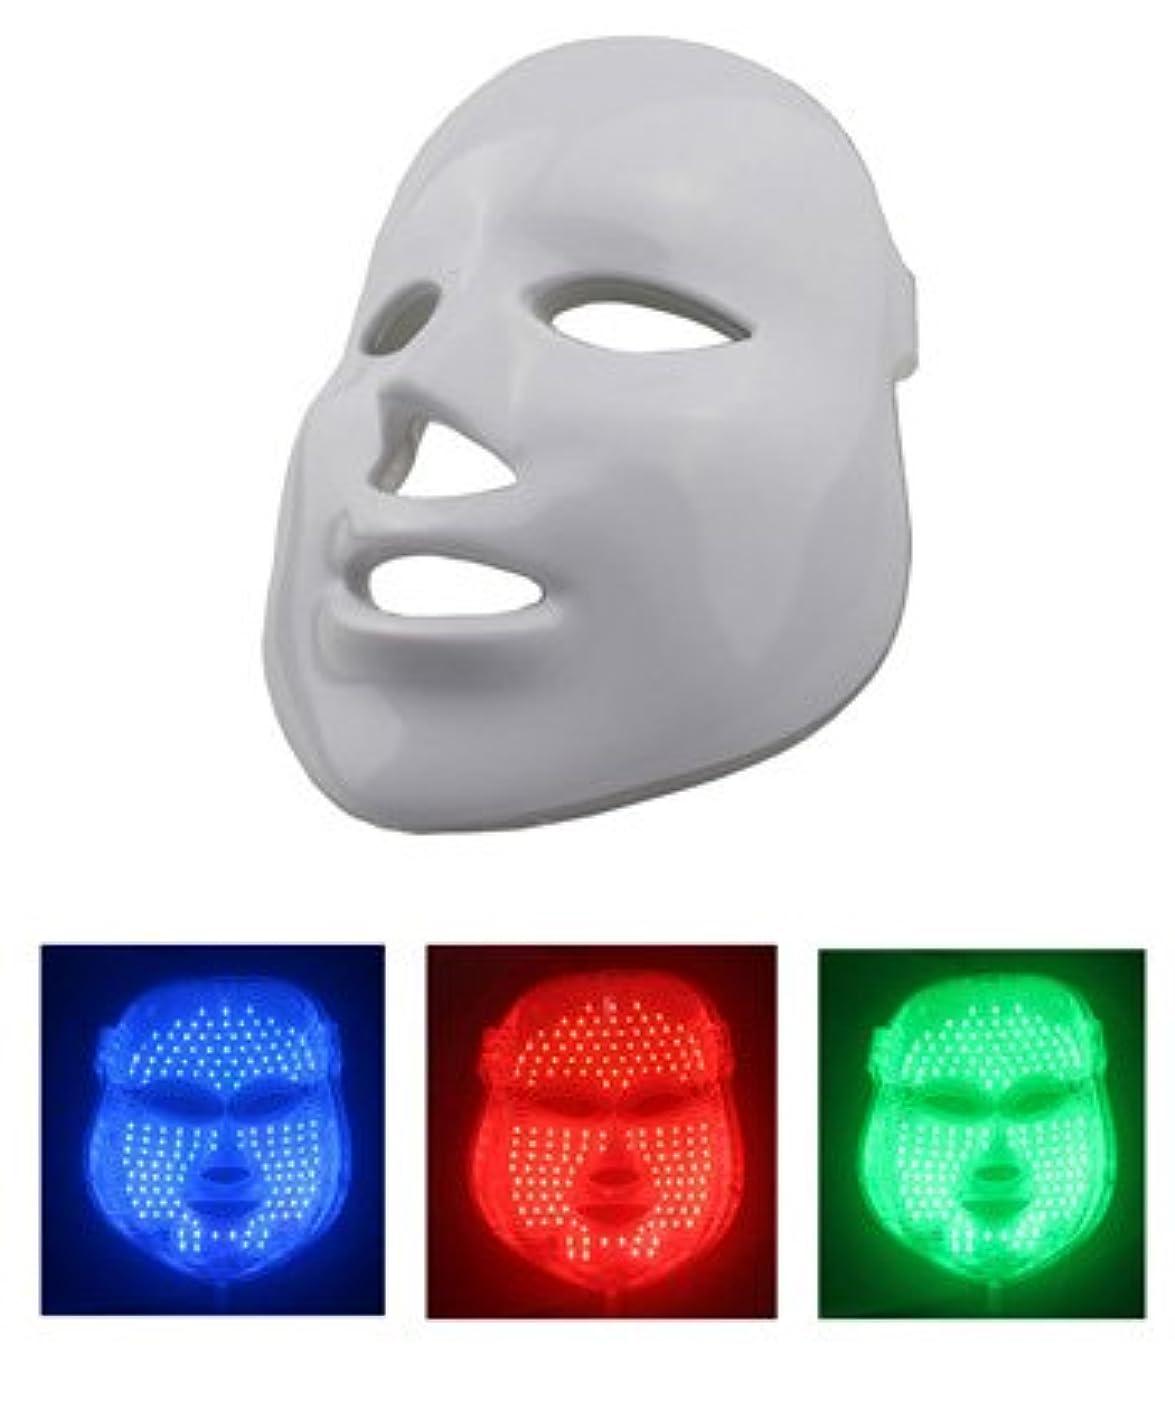 戦艦カール周り美顔 LEDマスク LED美顔器 三色モデル